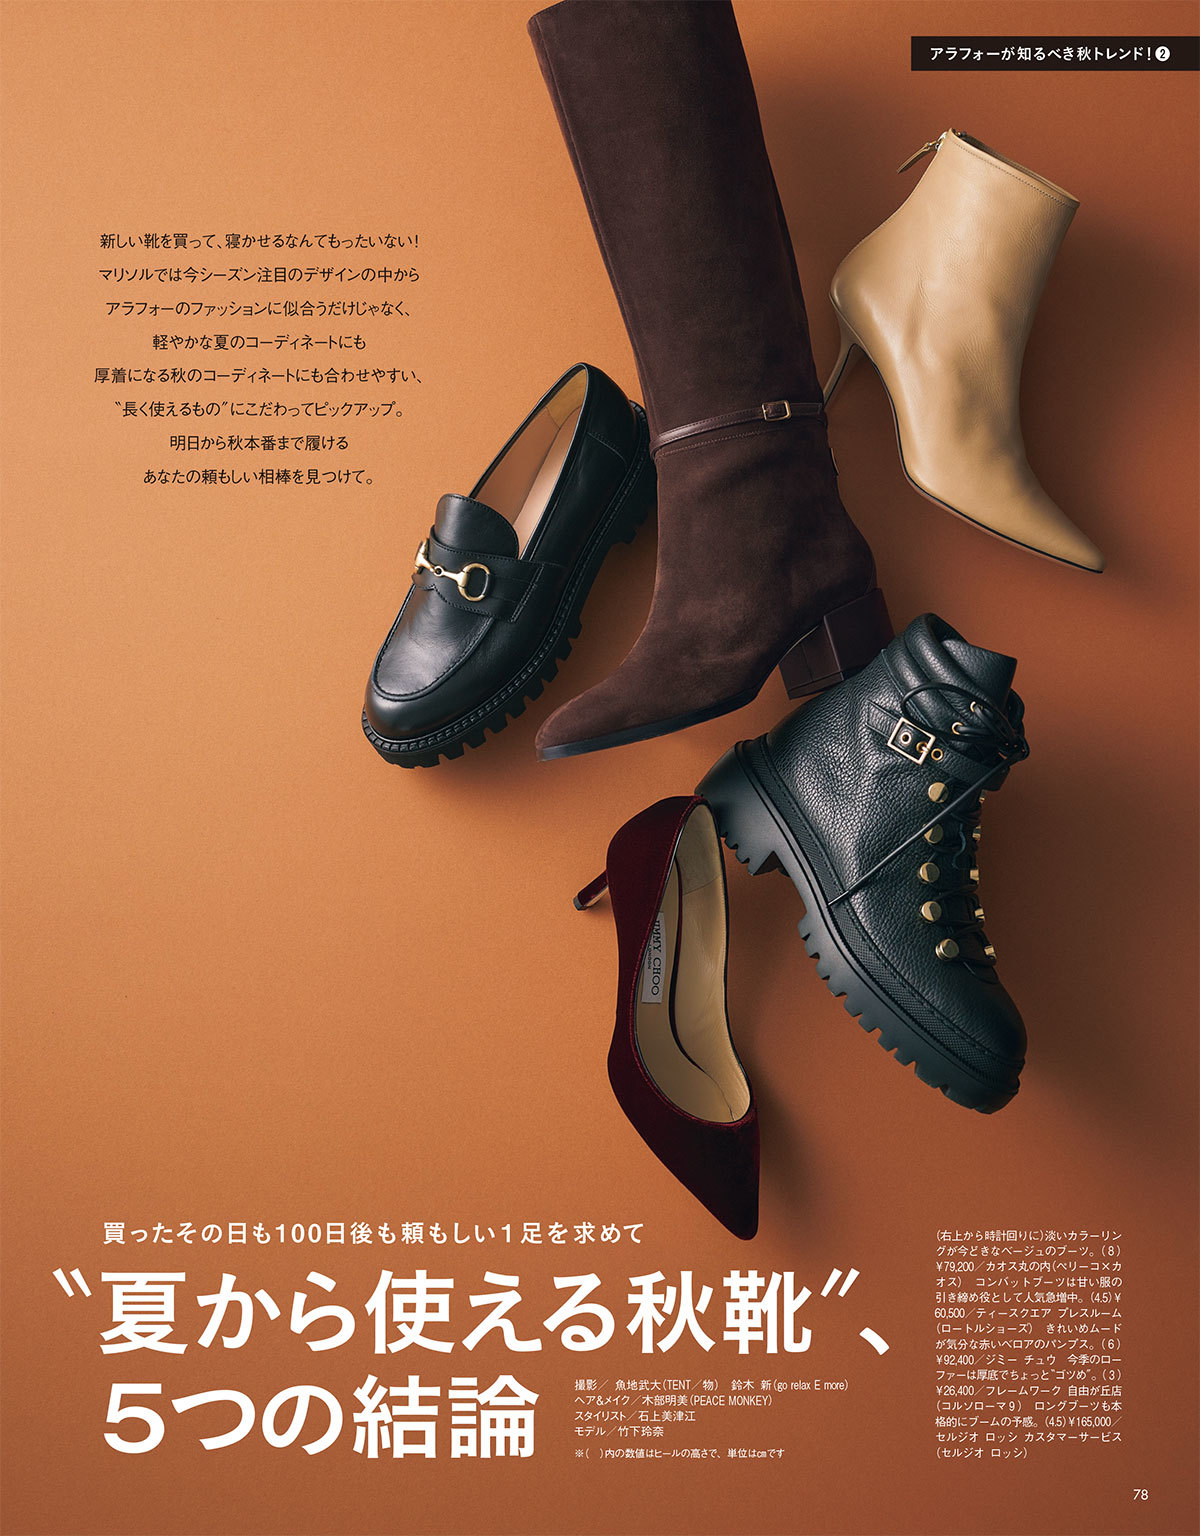 〝夏から使える秋靴〞、5つの結論